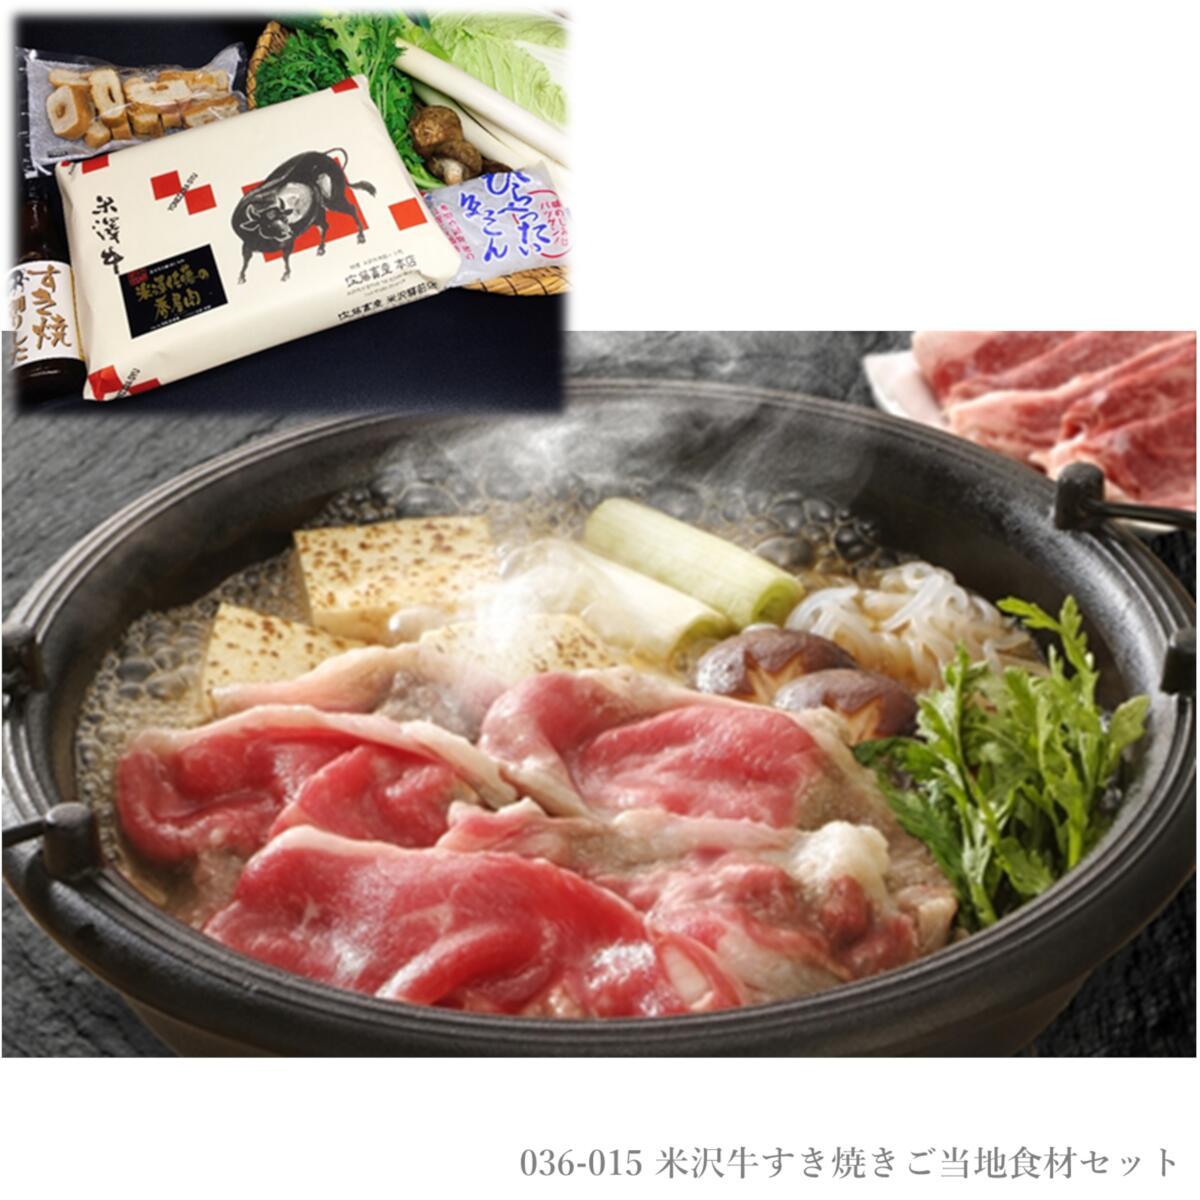 米沢牛 すき焼きご当地食材セット 400g